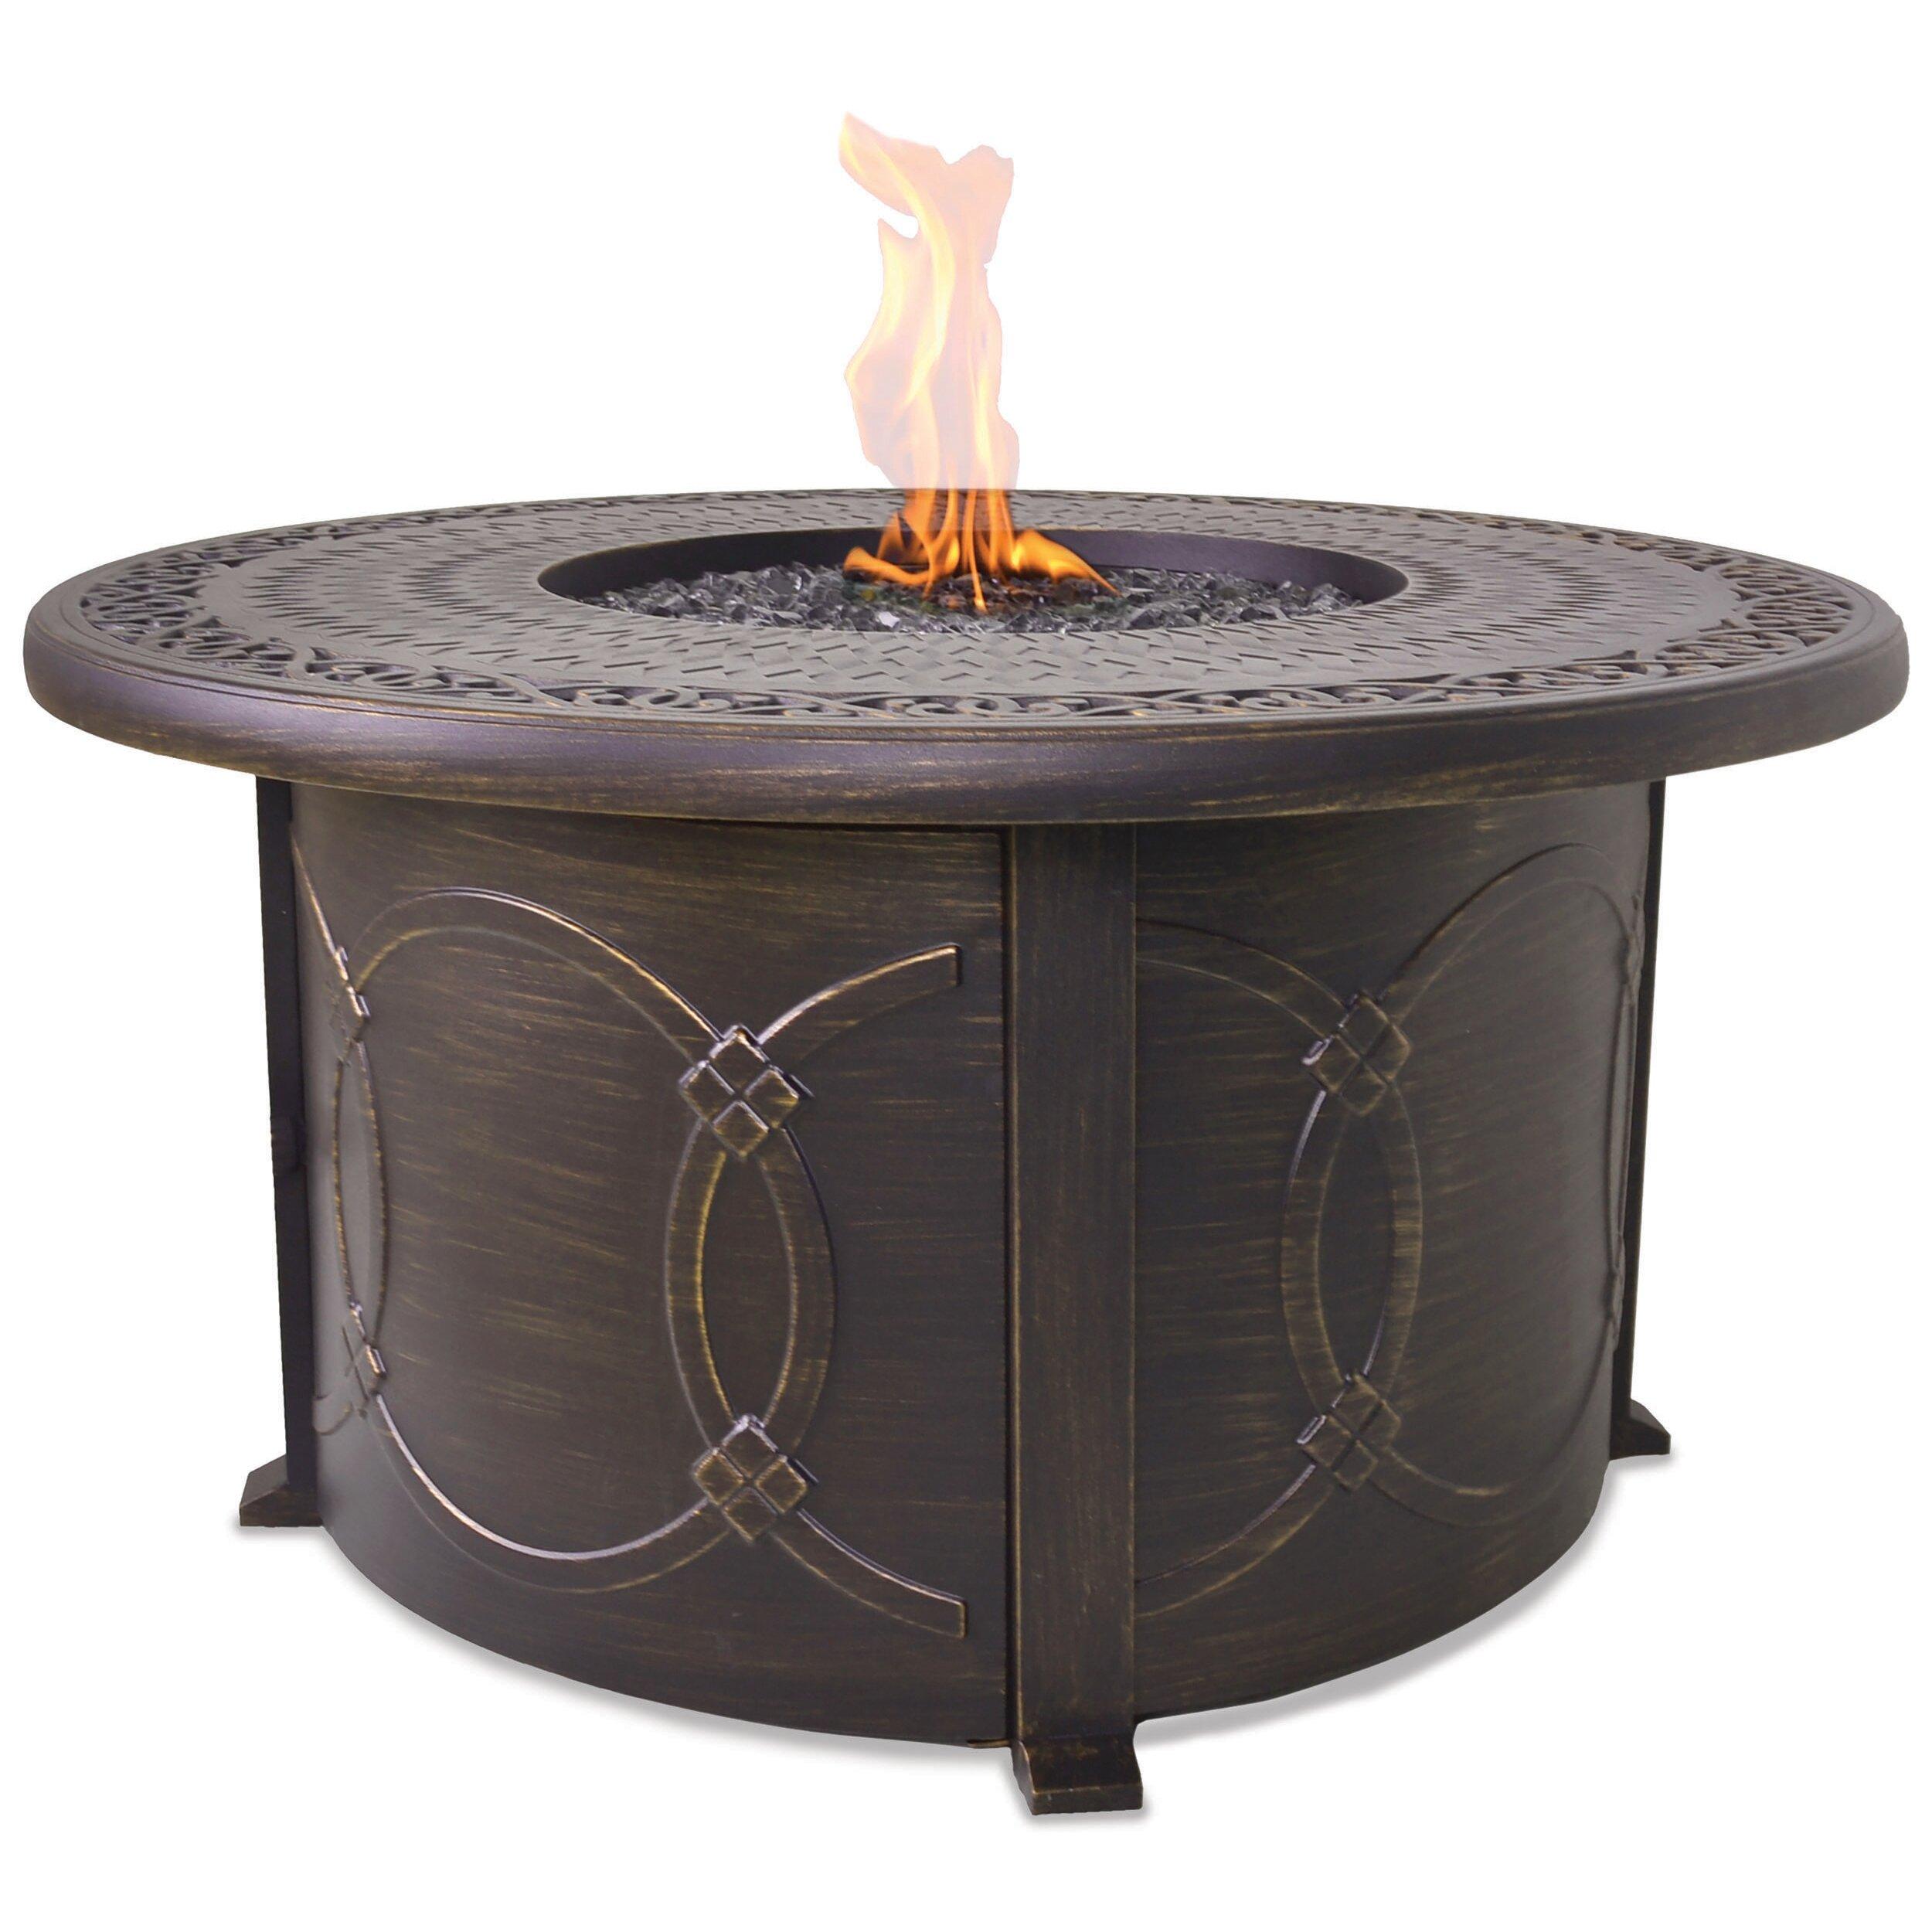 Endless Summer Cast Aluminum Propane Outdoor Fire Pit ...